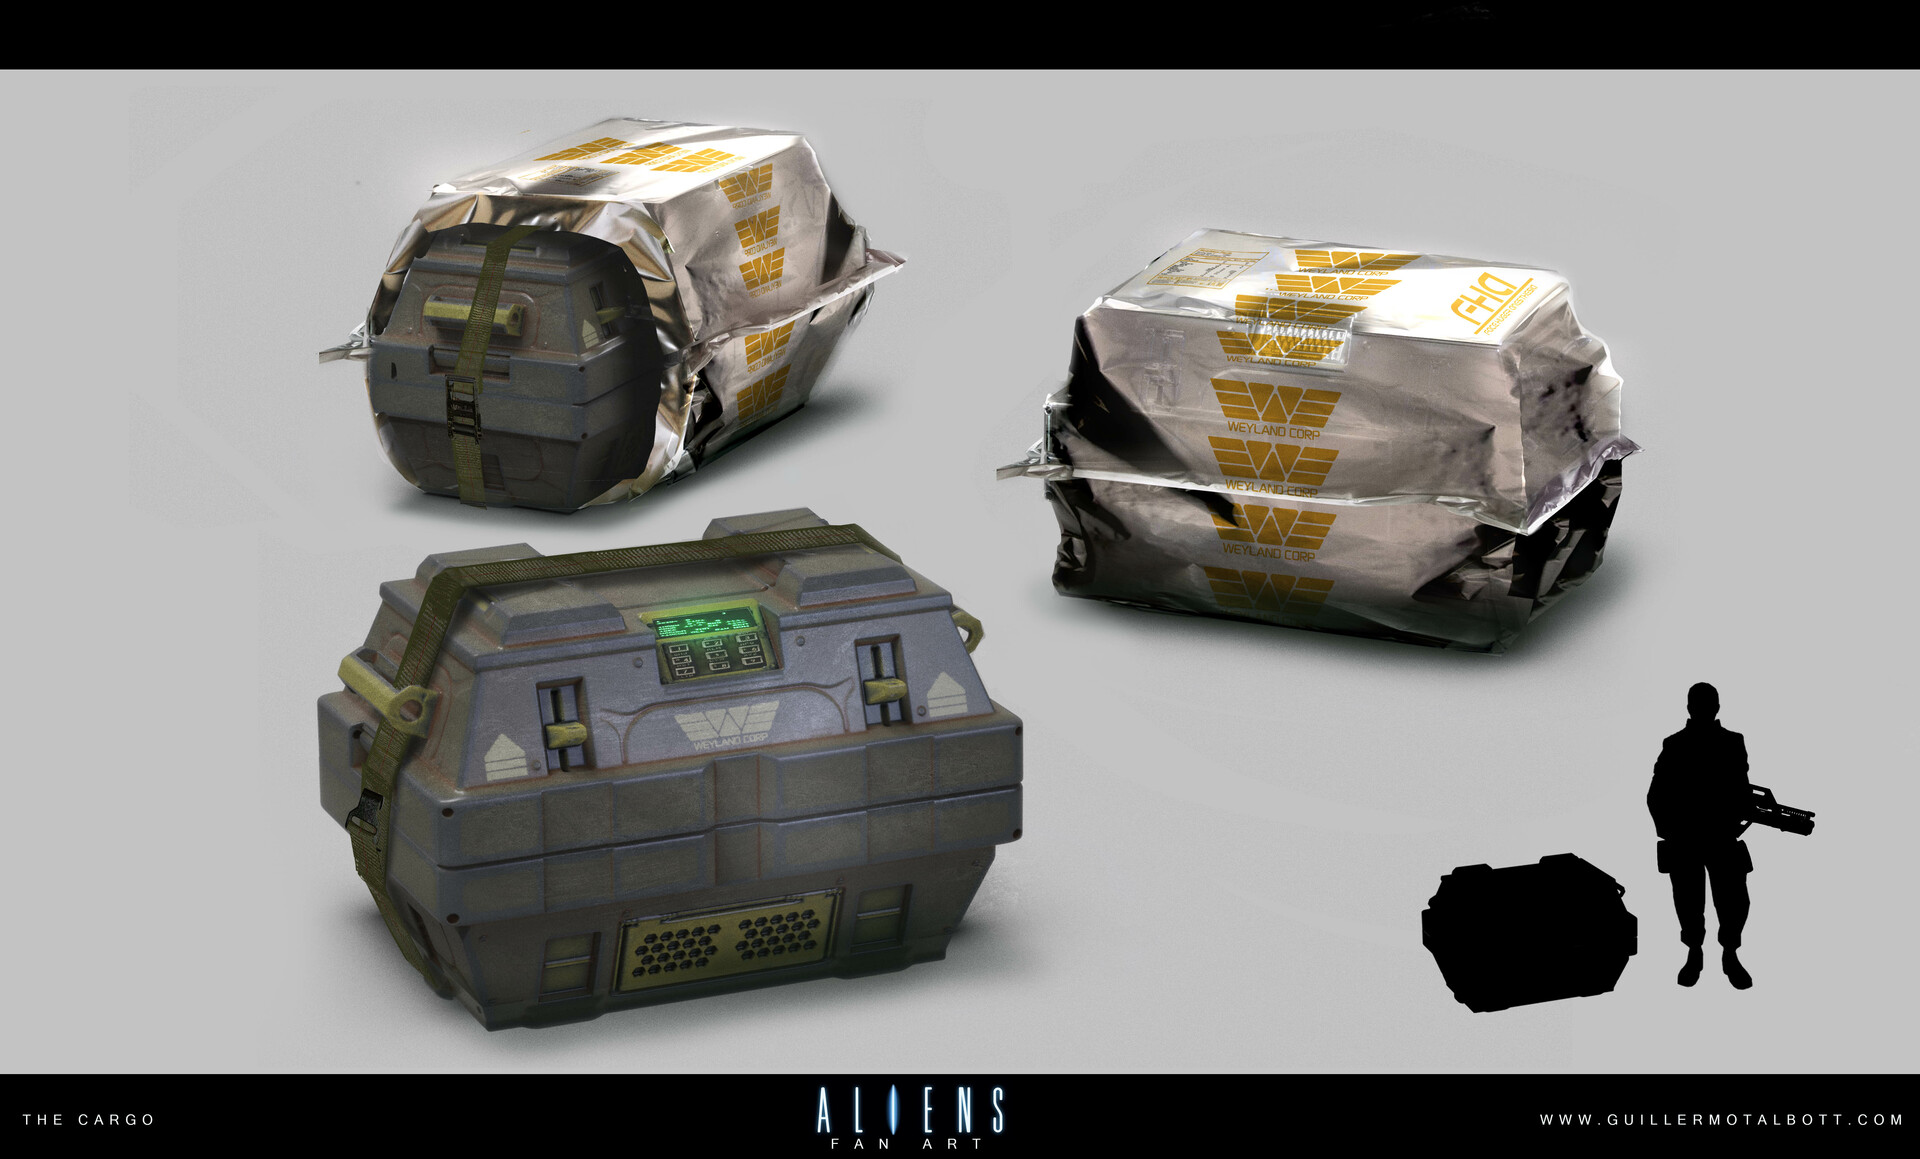 Guillermo talbott alien crate b